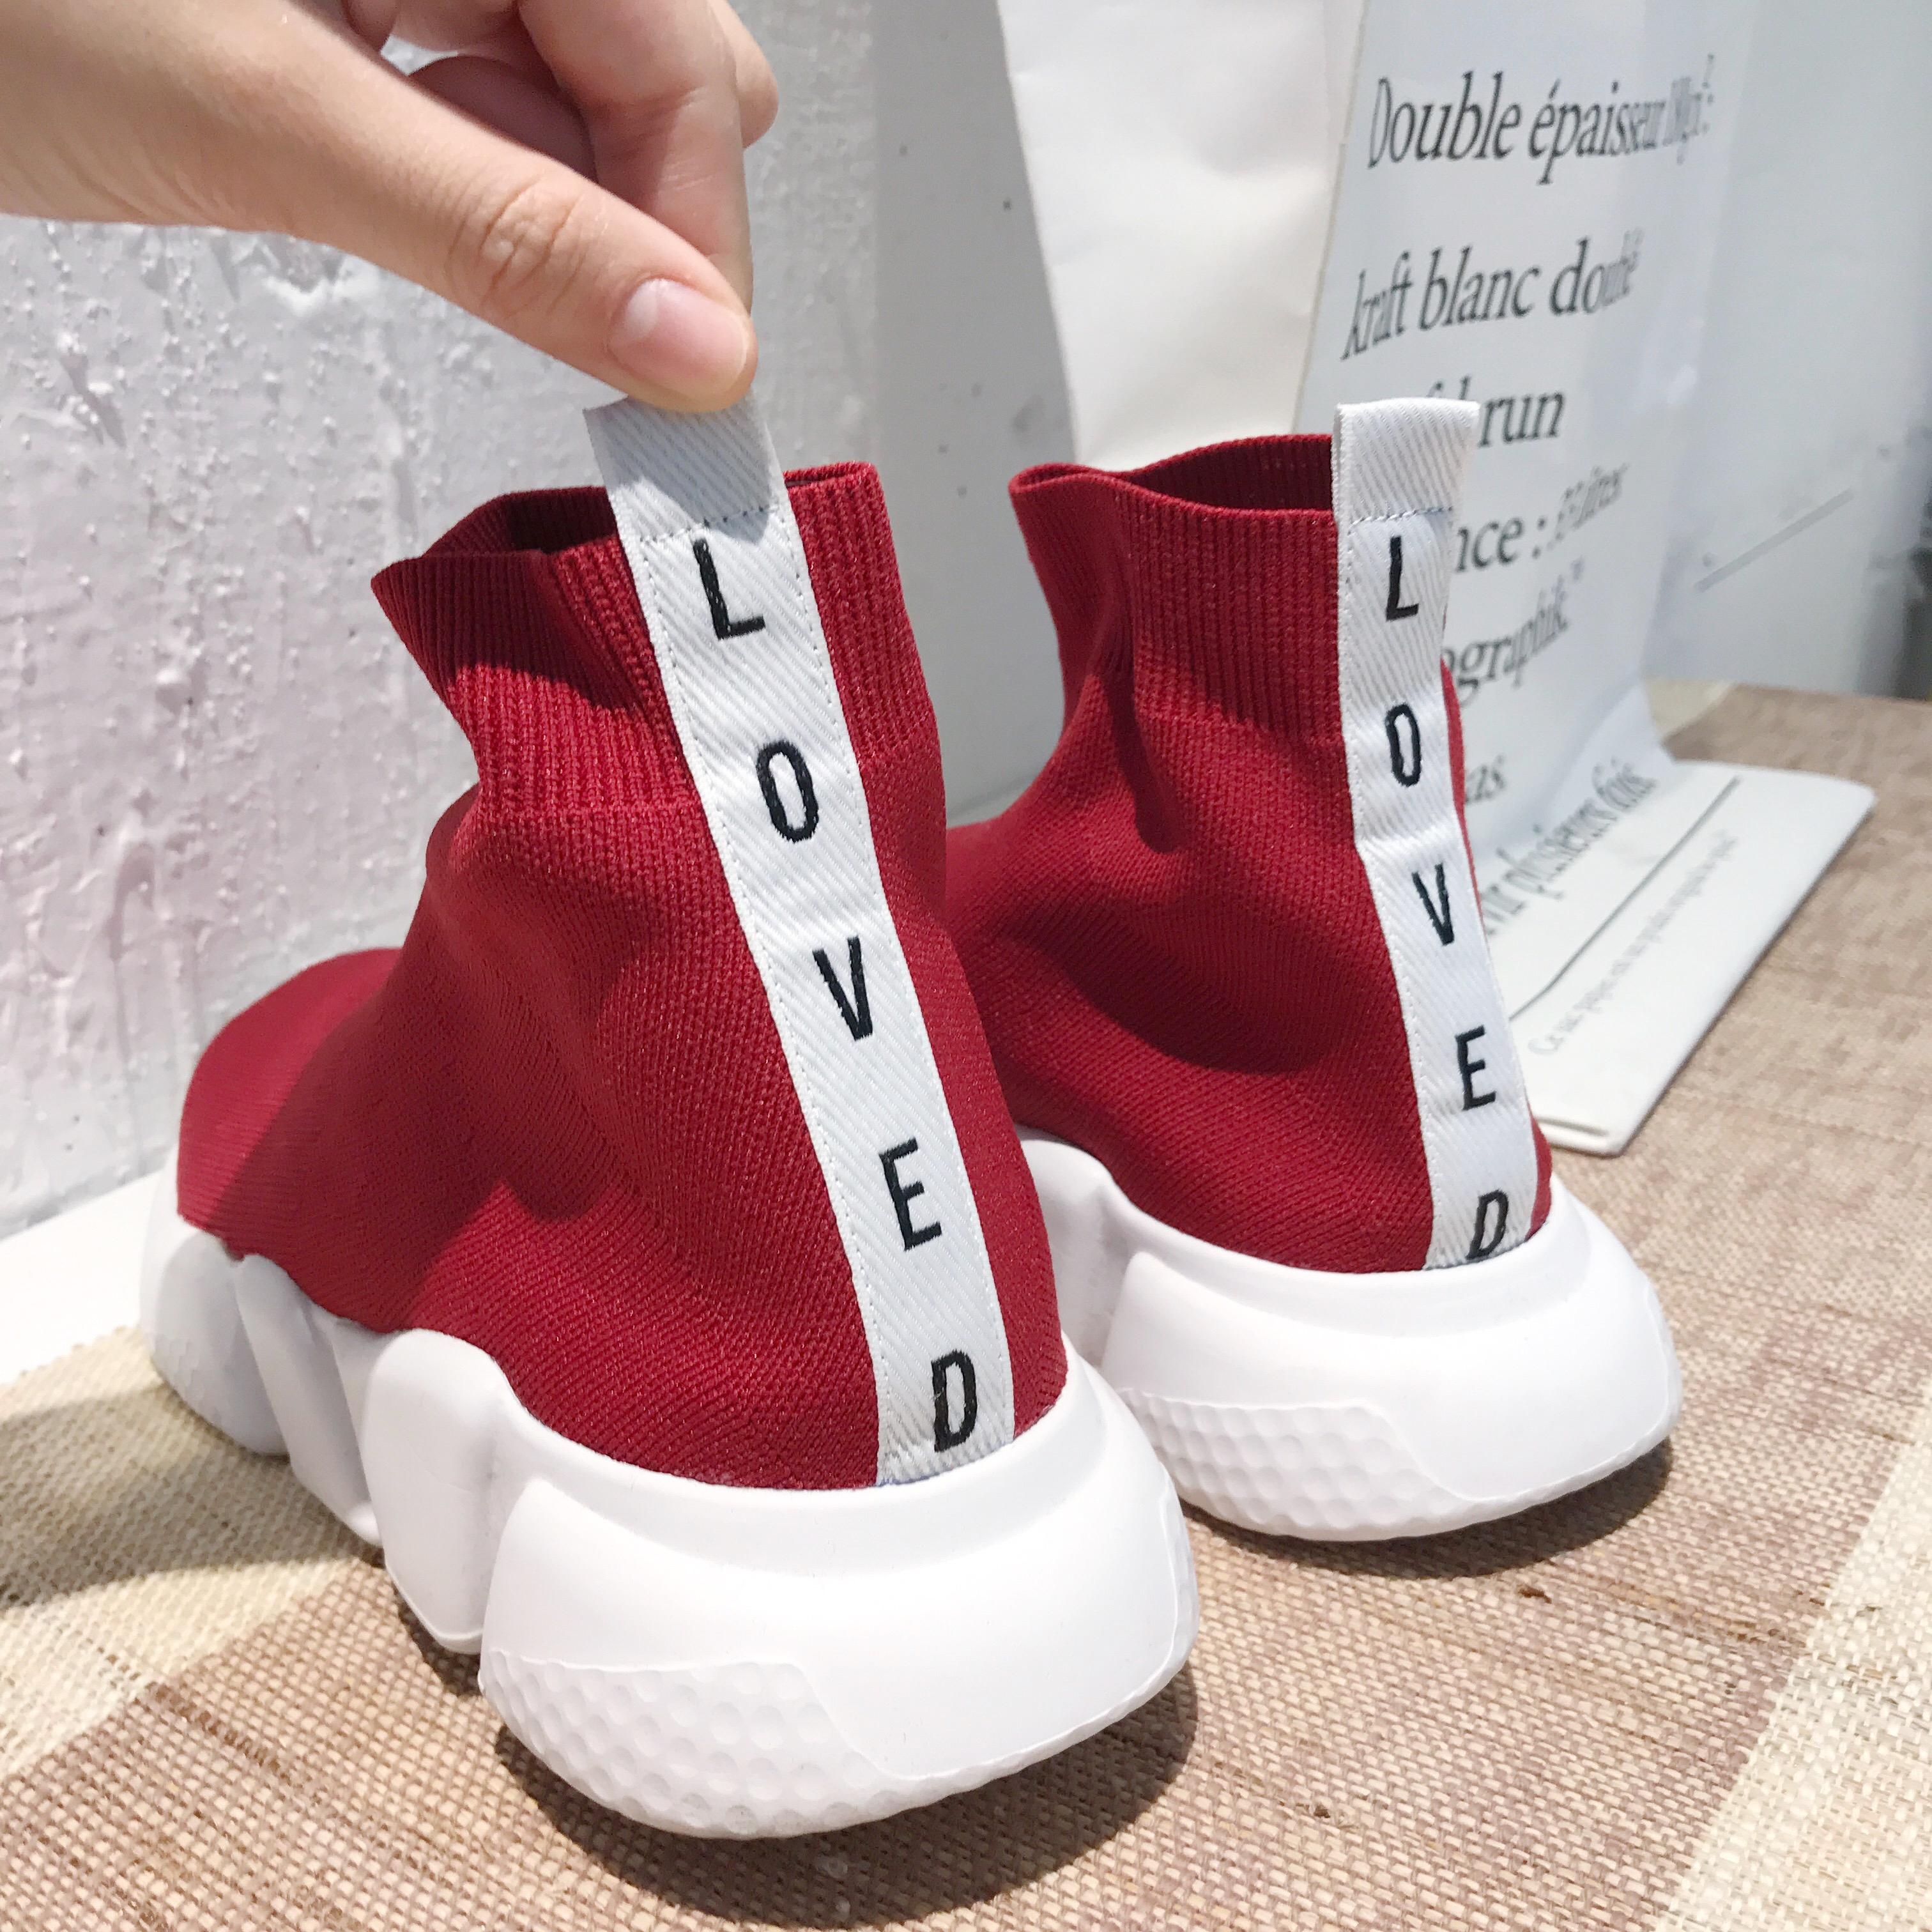 @ZY喜哥 休闲运动鞋情侣鞋靴子女 短靴潮男鞋平底袜靴弹力靴